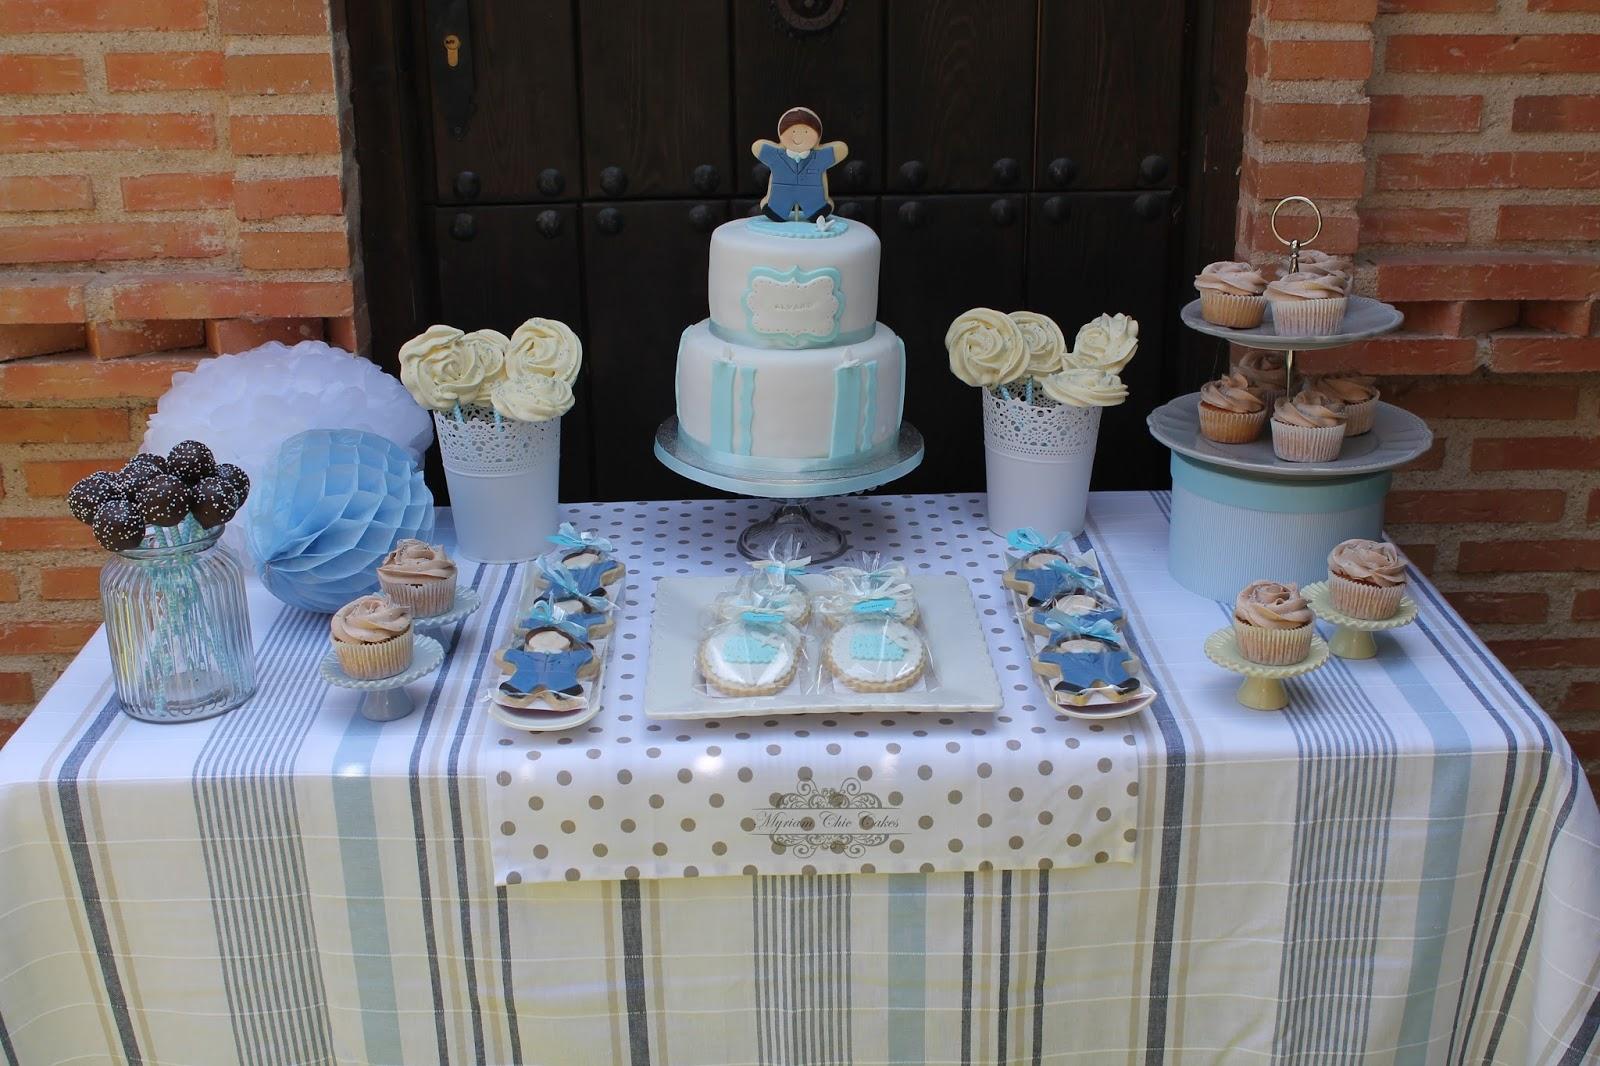 Myriam chic cakes mesa dulce comuni n de alvaro - Preparar mesa dulce para comunion ...